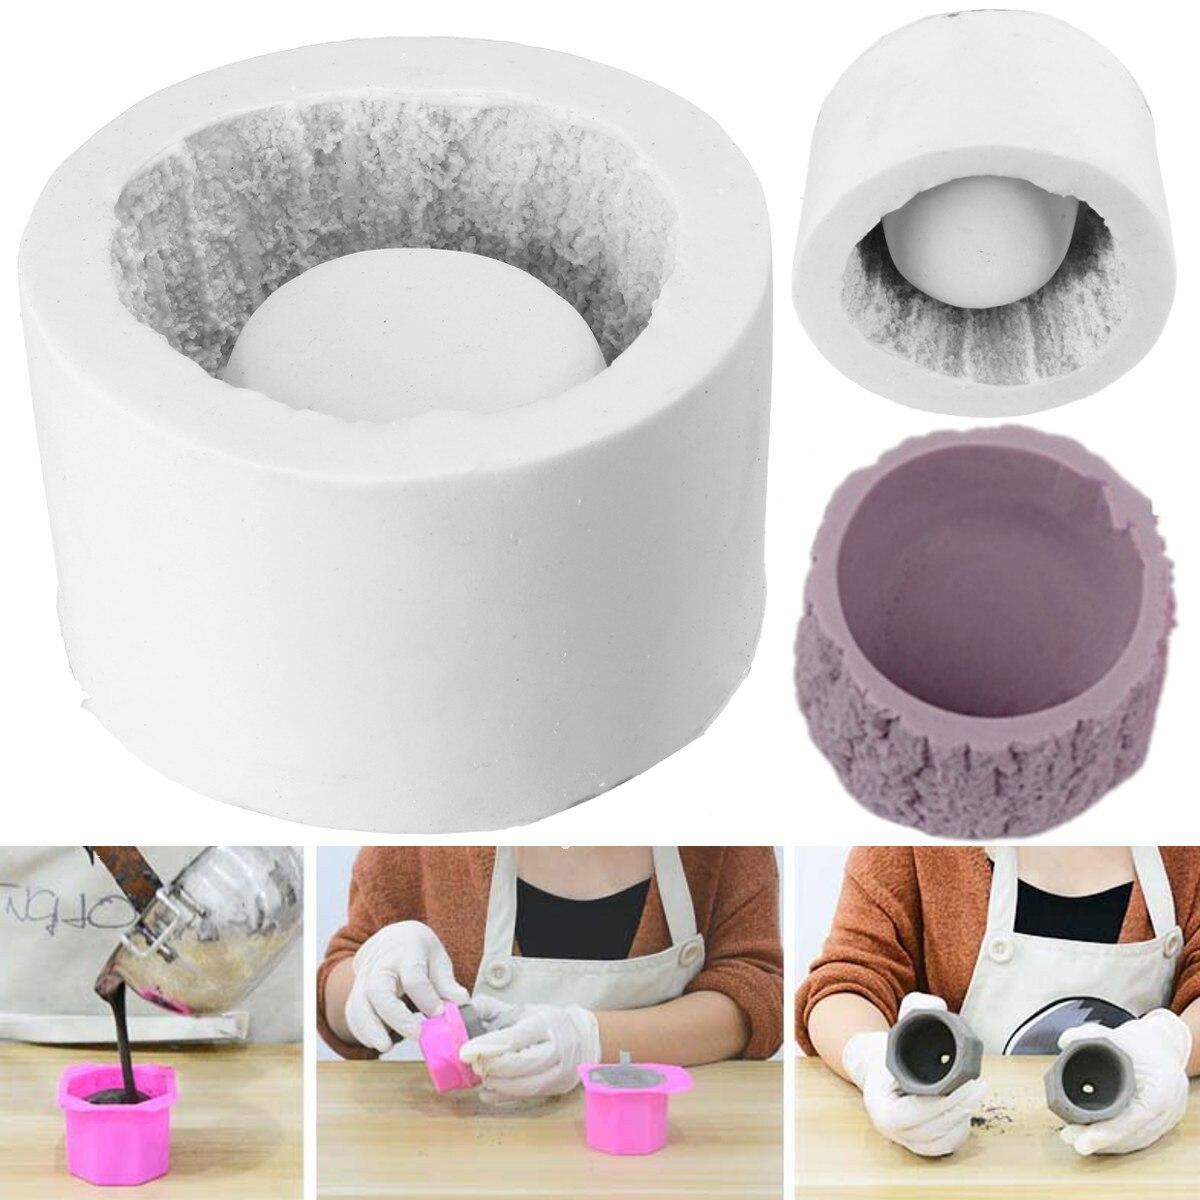 DIY Plaster Cement 3D Silicone Soap Mold Flowerpot Planter Concrete Craft Mould